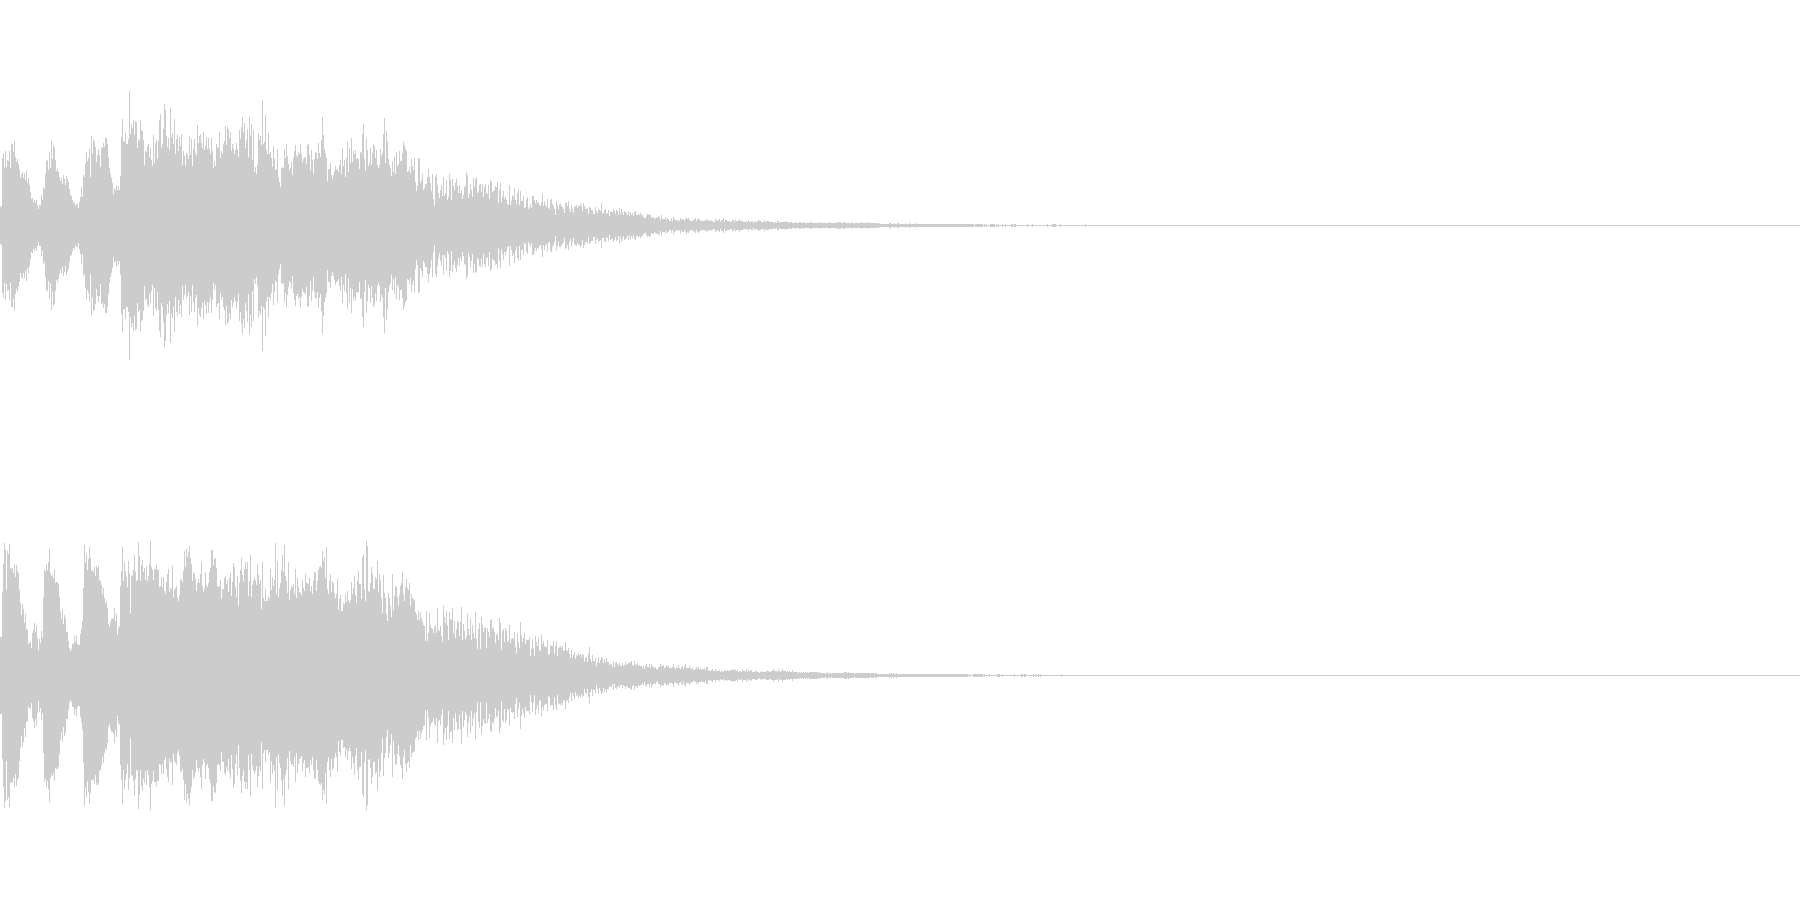 明るいトランペットファンファーレの未再生の波形